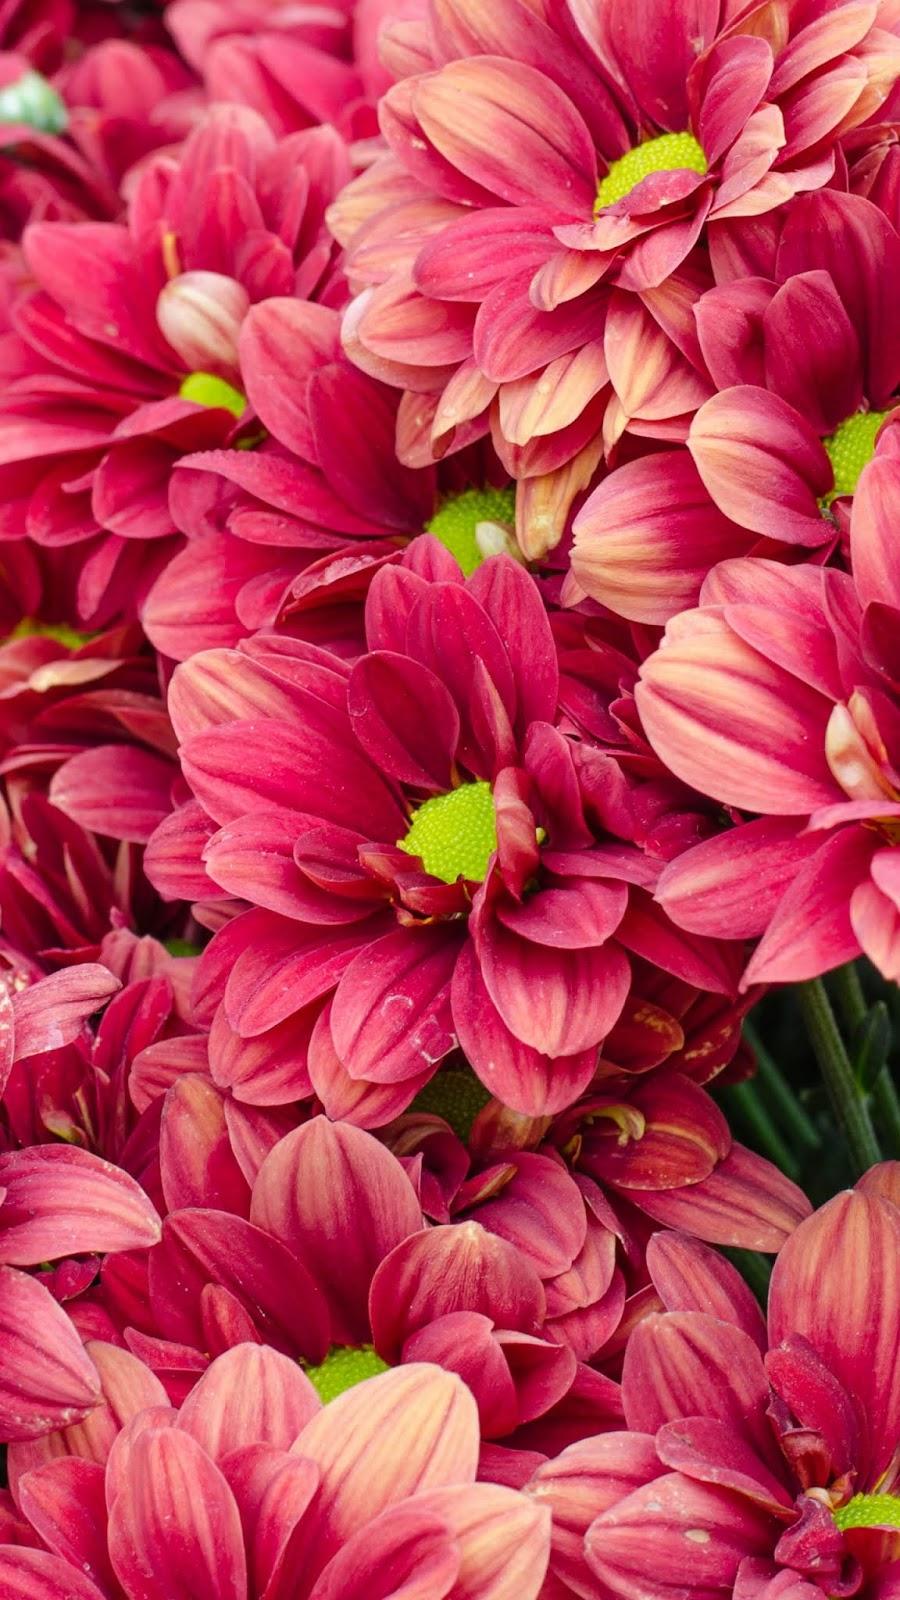 Red flowerv